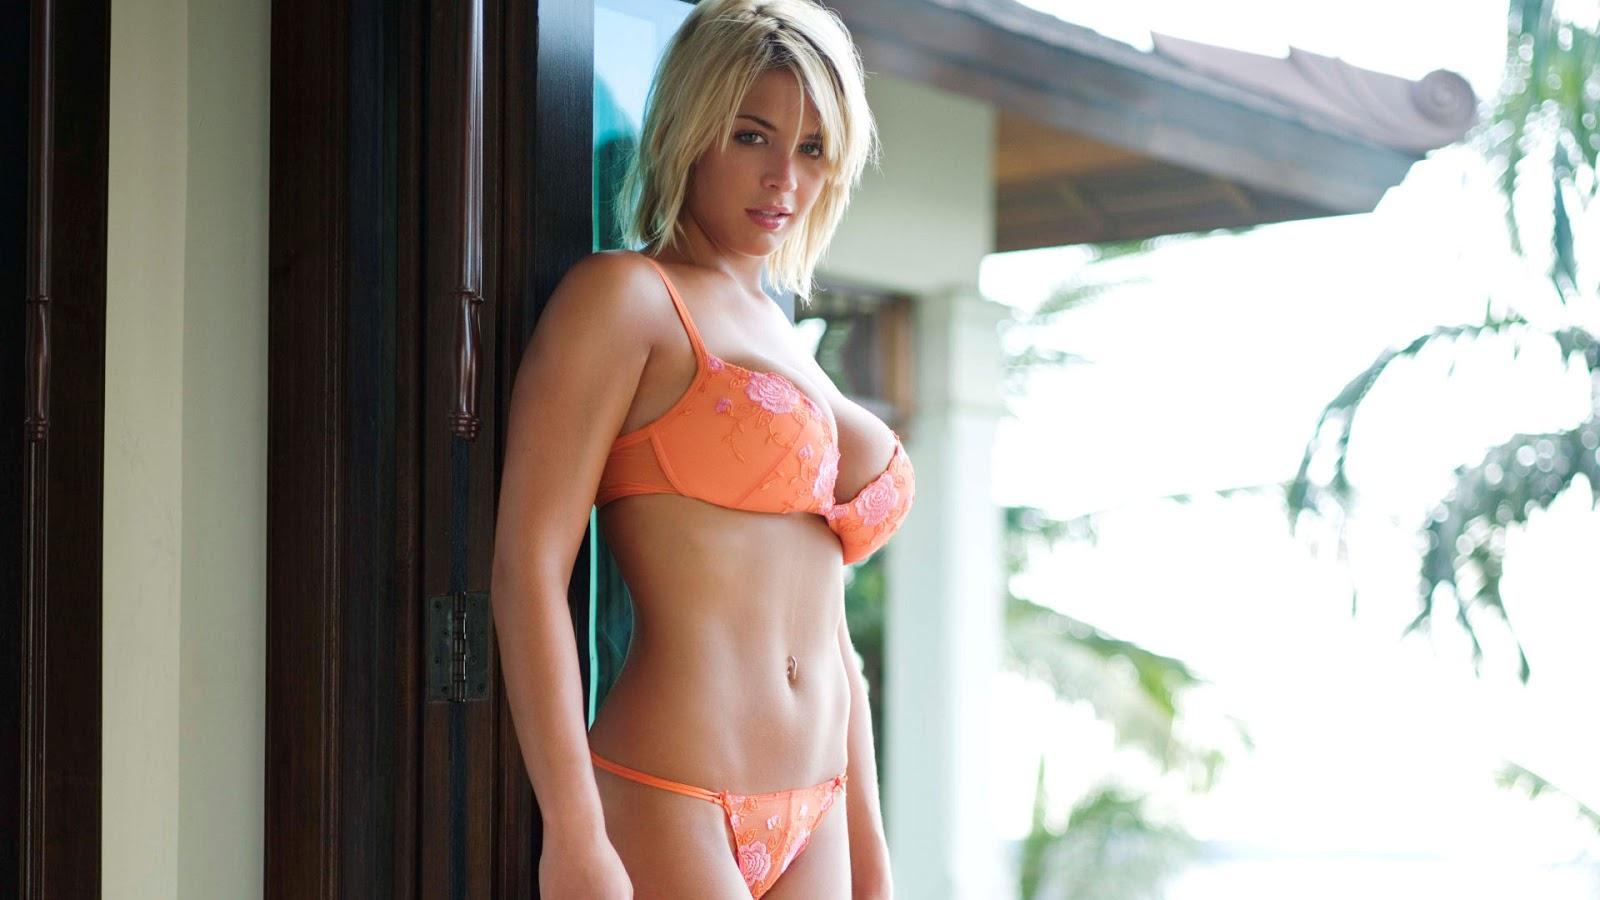 Margo sullivan porn star